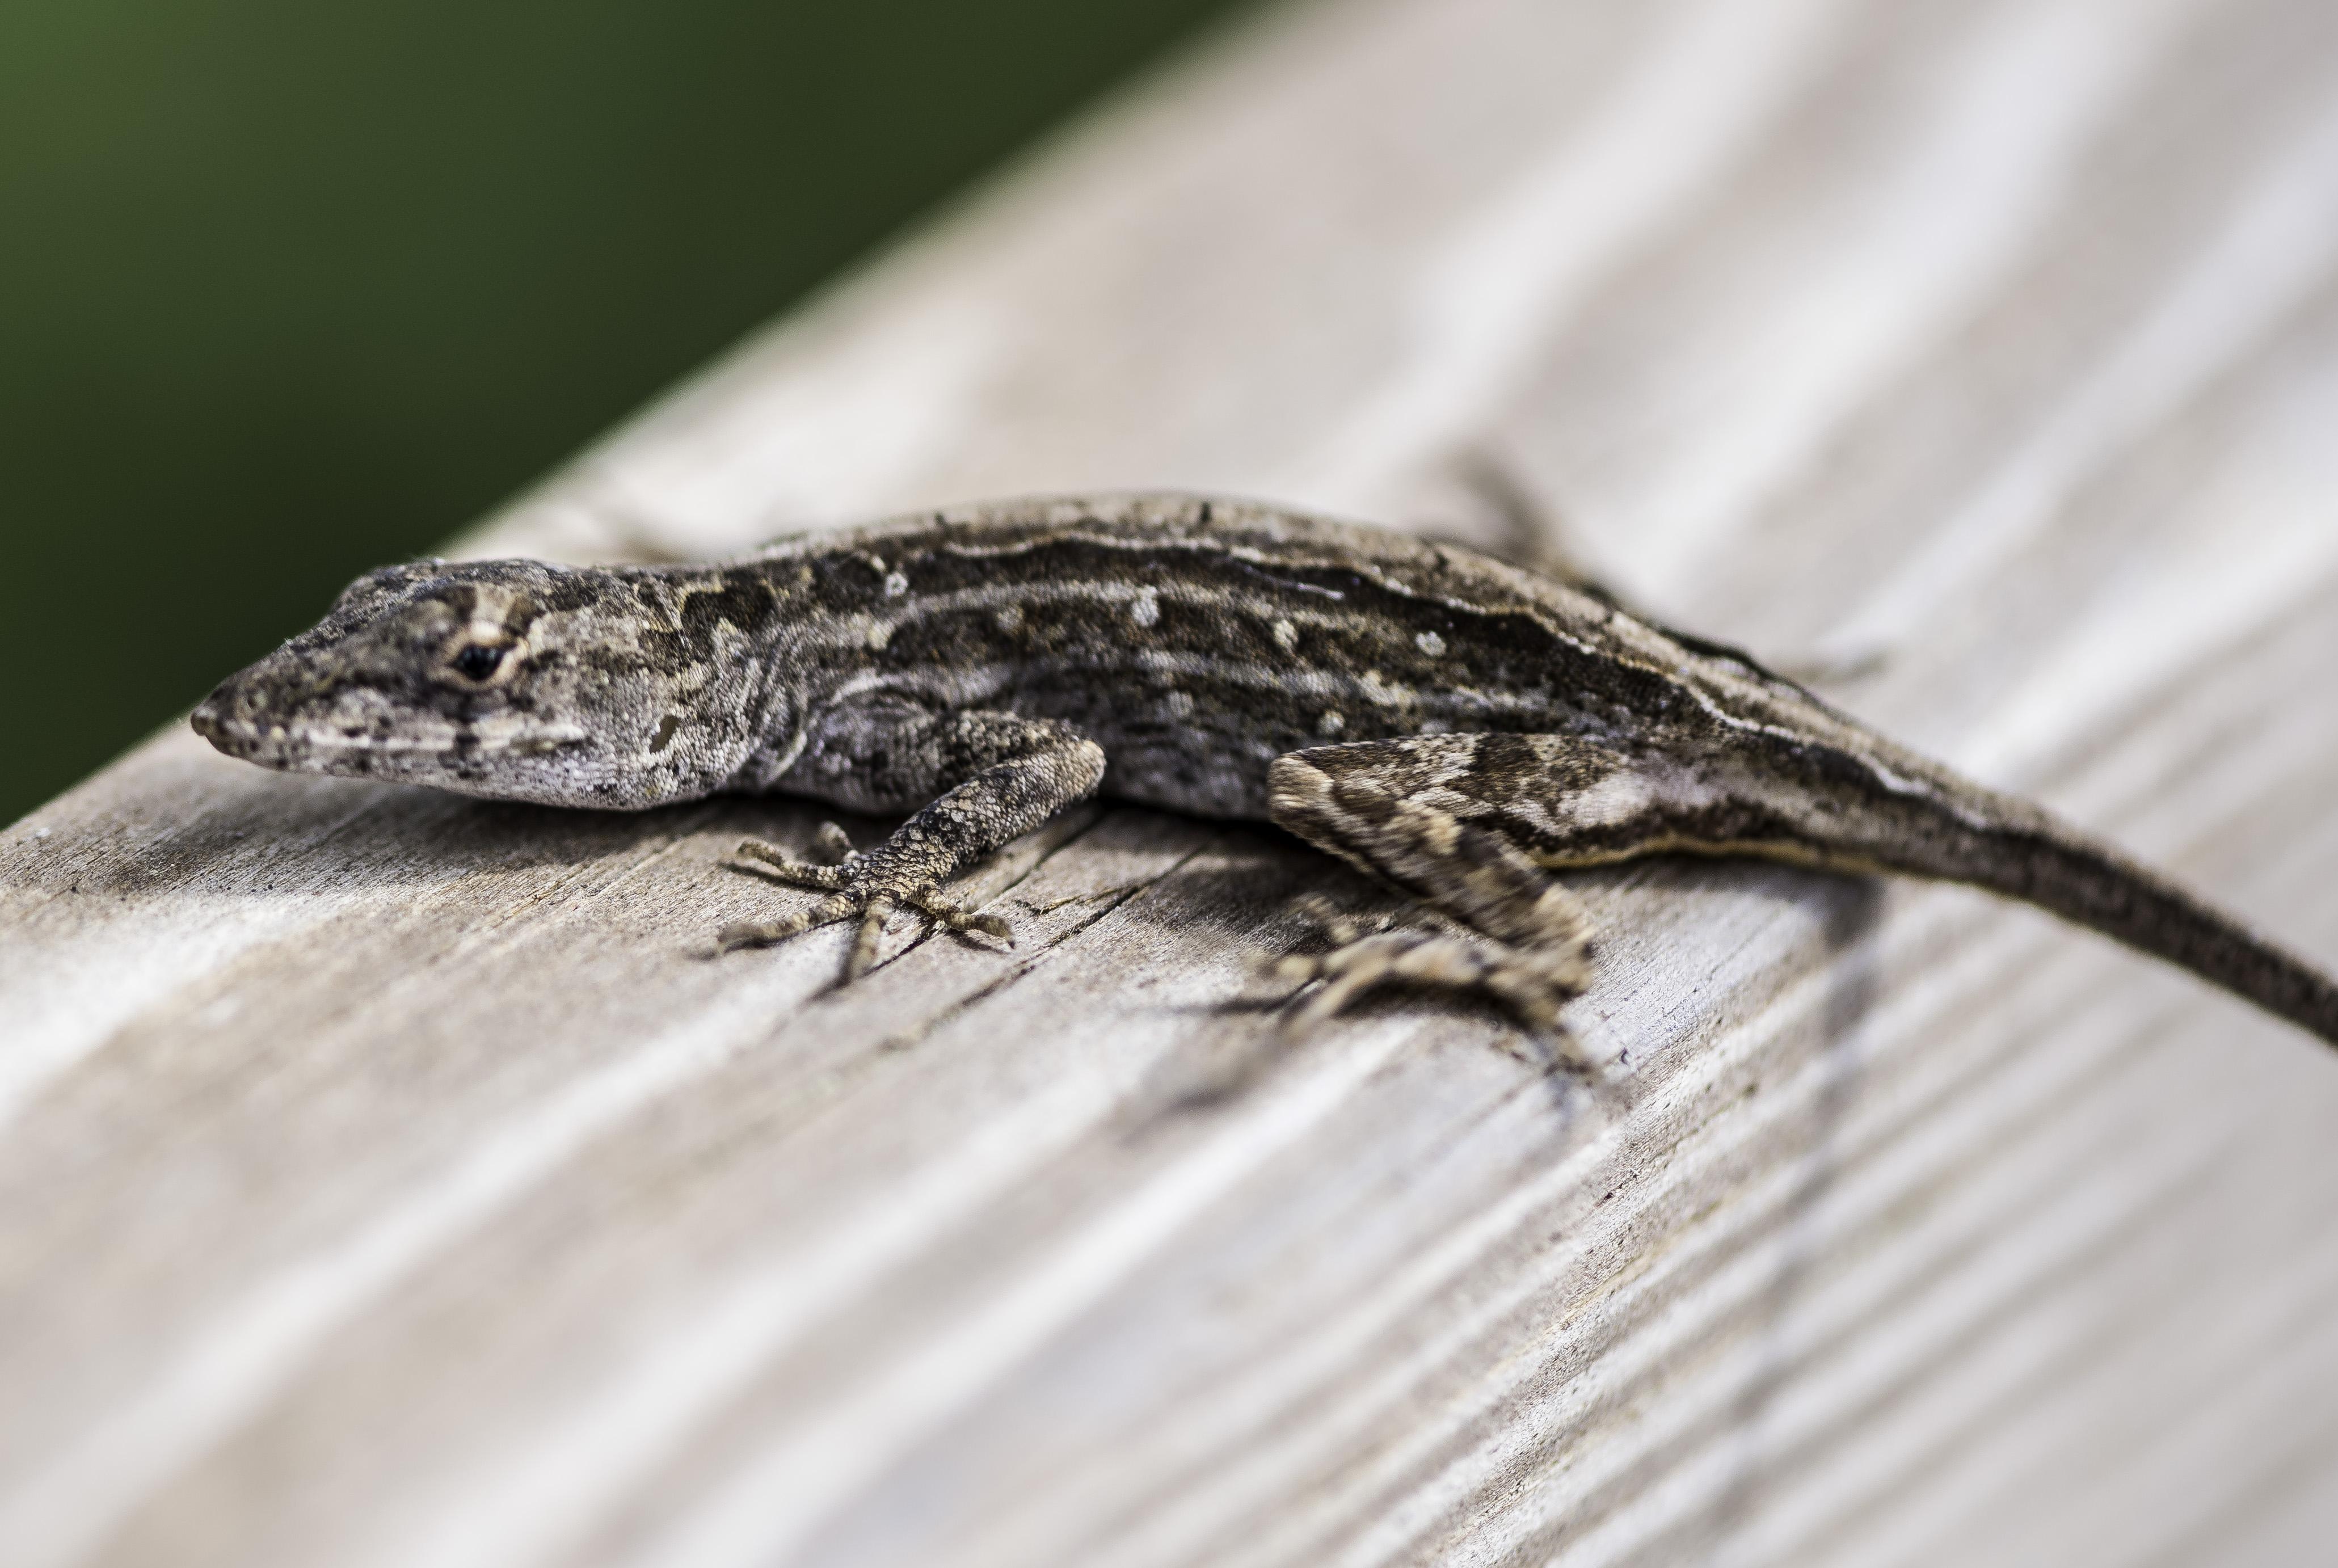 U S Lizard Small Lizard on...